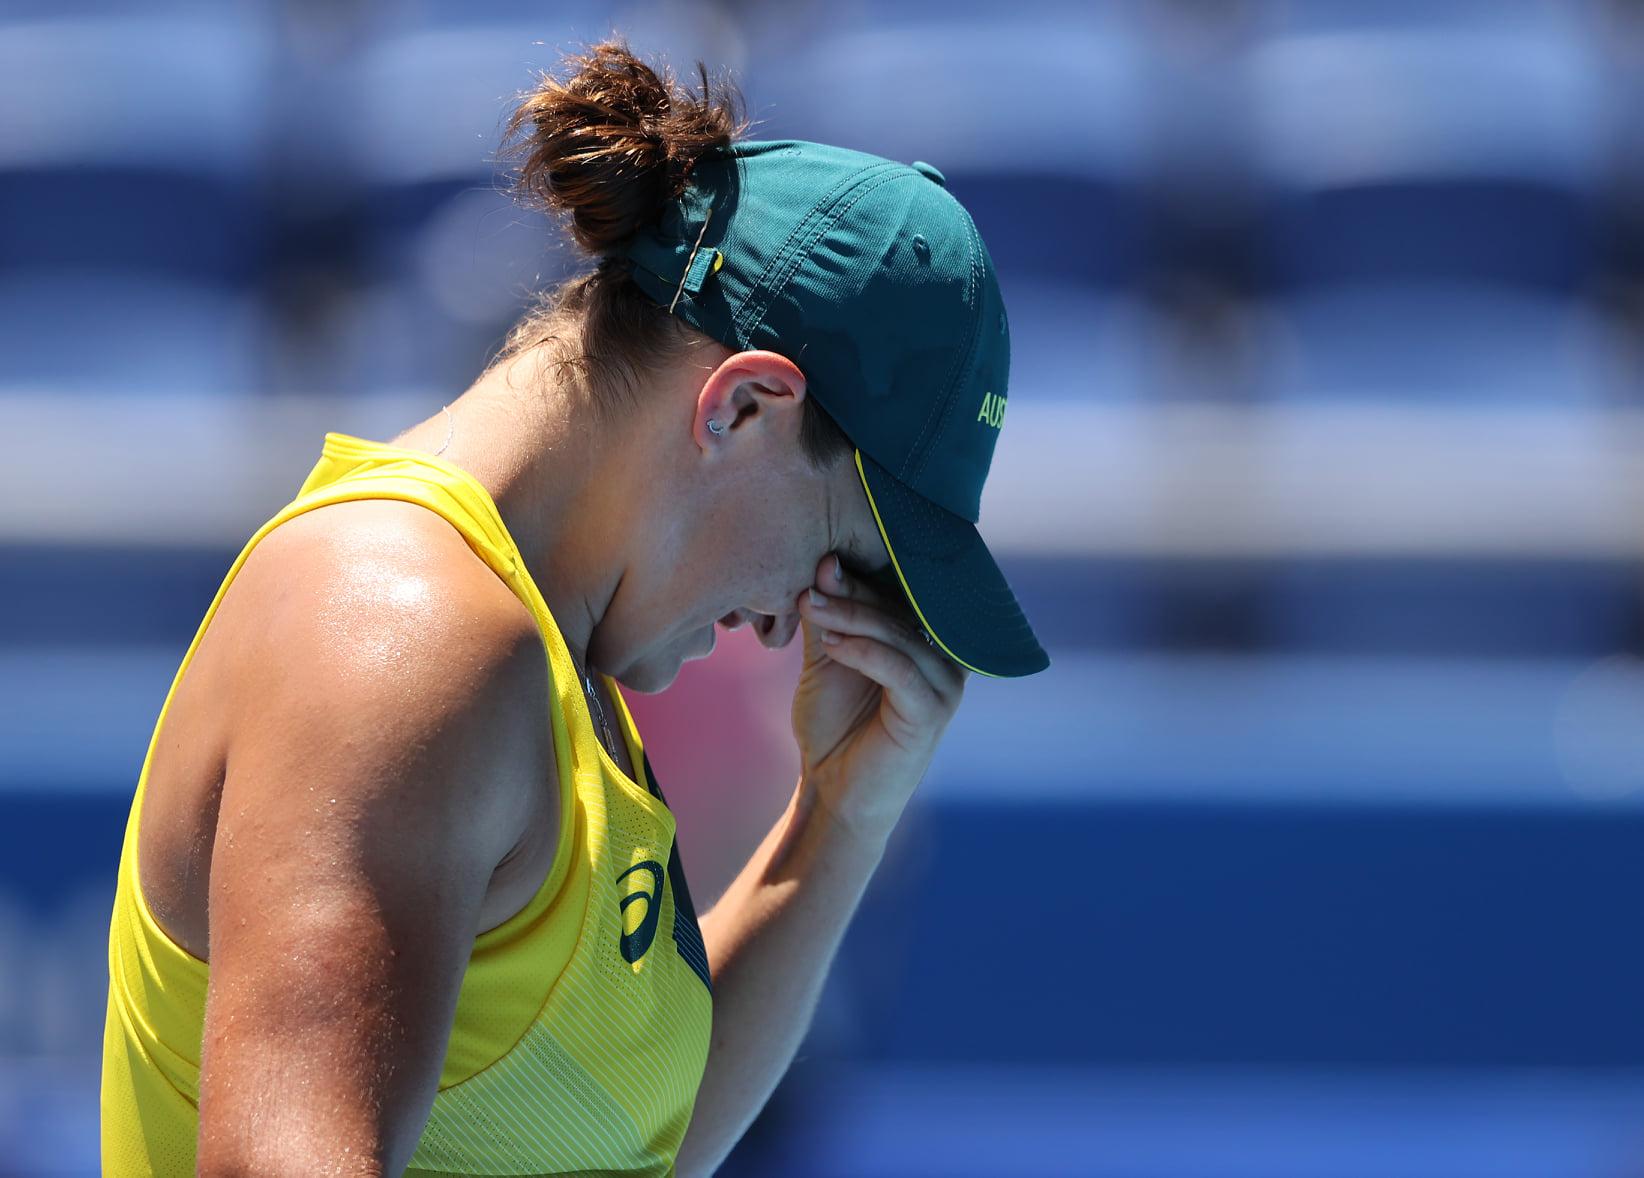 foto tennis 1 - Ashleigh Barty verjetno ne bo nastopila na zaključnem turnirju